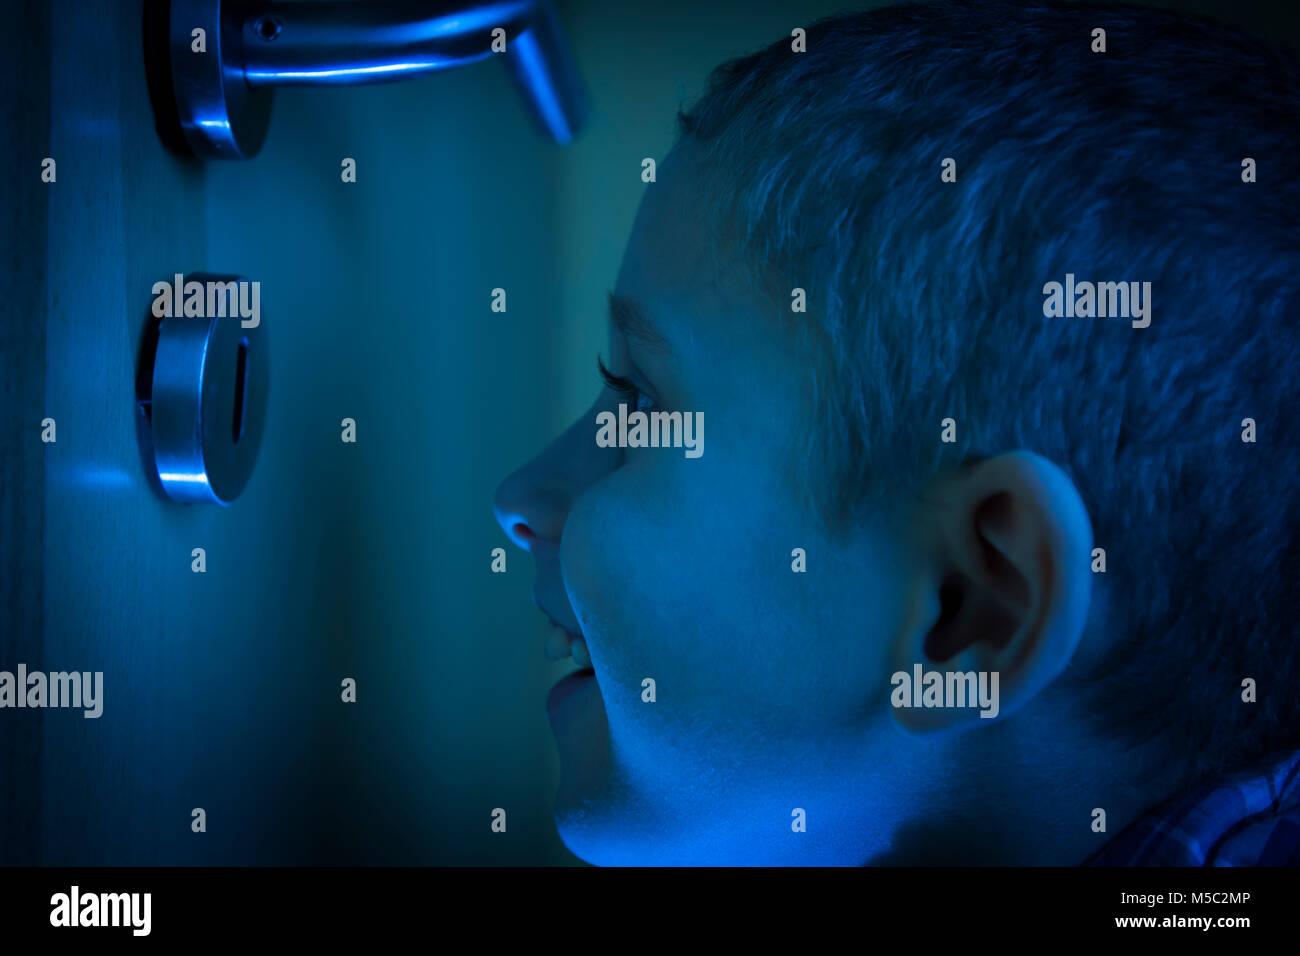 Junge im dunklen Zimmer blickt im Schein der Taschenlampe durch ein Schlüsselloch. Stock Photo